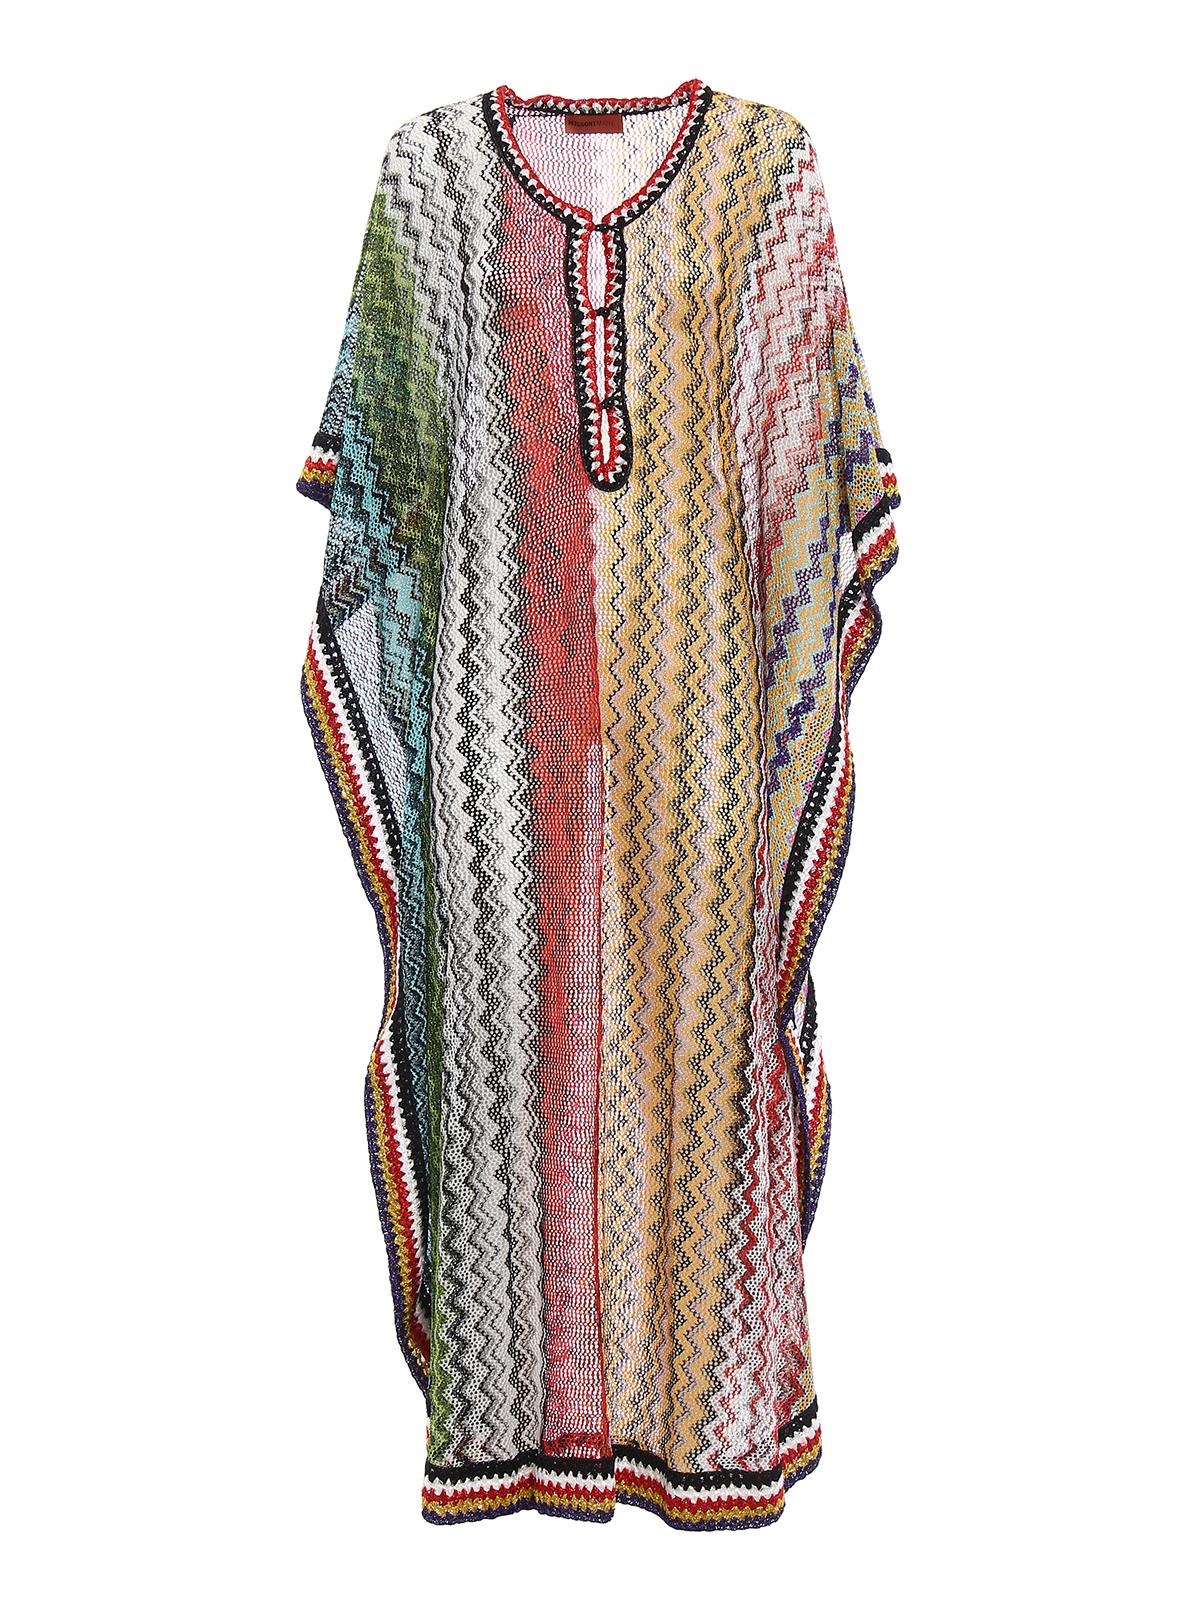 Cheap Online Authentic Cheap Price kaftan-style blouse - Multicolour Missoni uqDxuXp4s